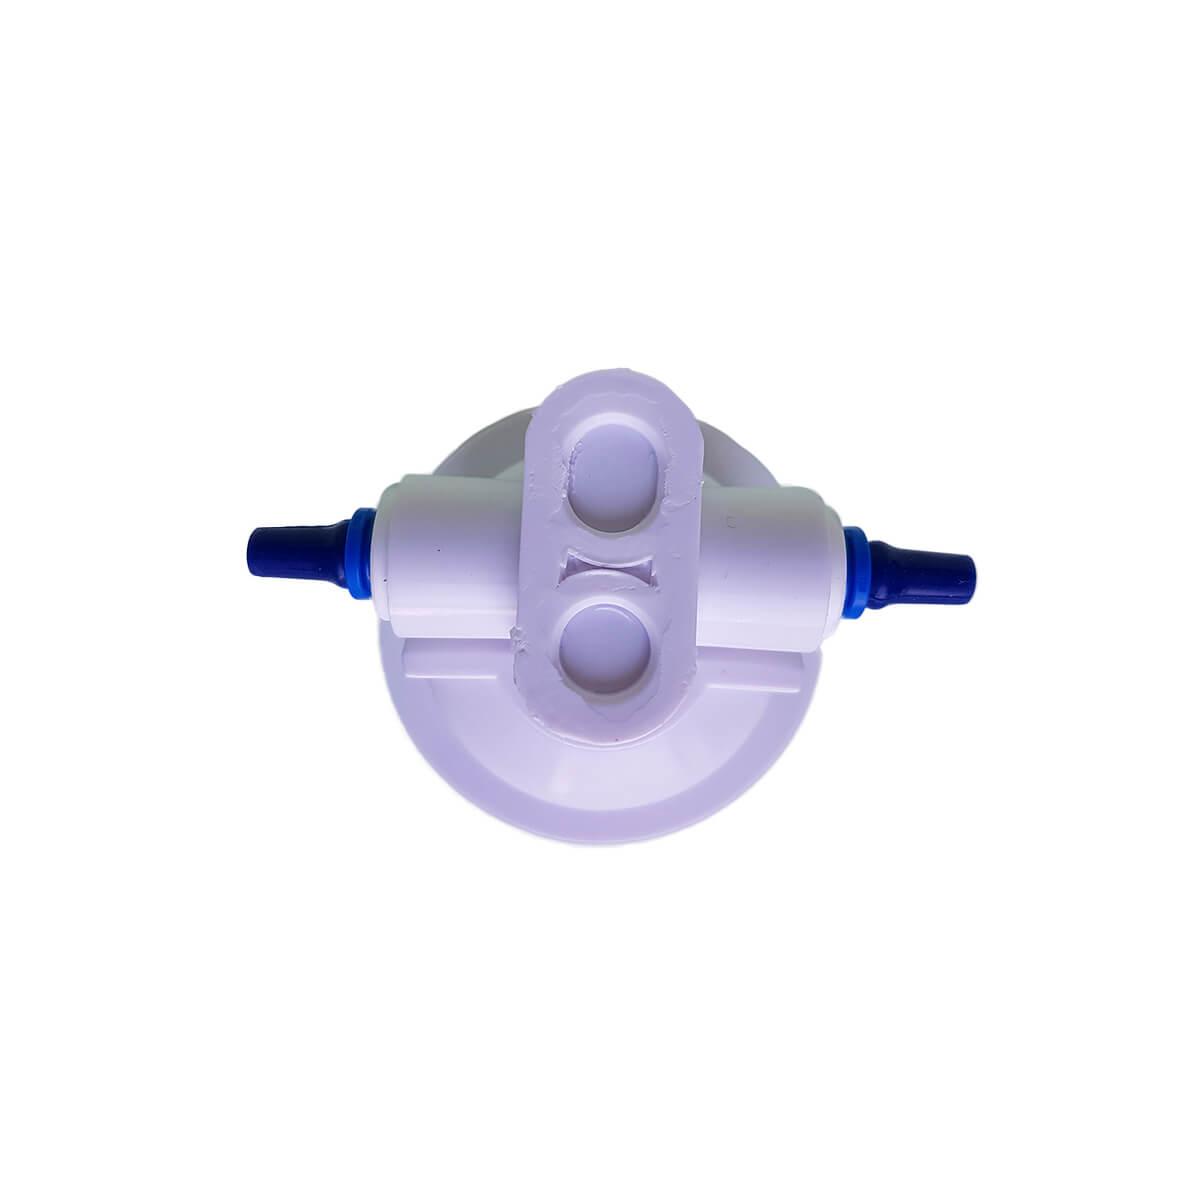 Tampa Filtro Para Purificador De Água Electrolux PA10N PA20G PA30G PA40G PA25G - 306633000106